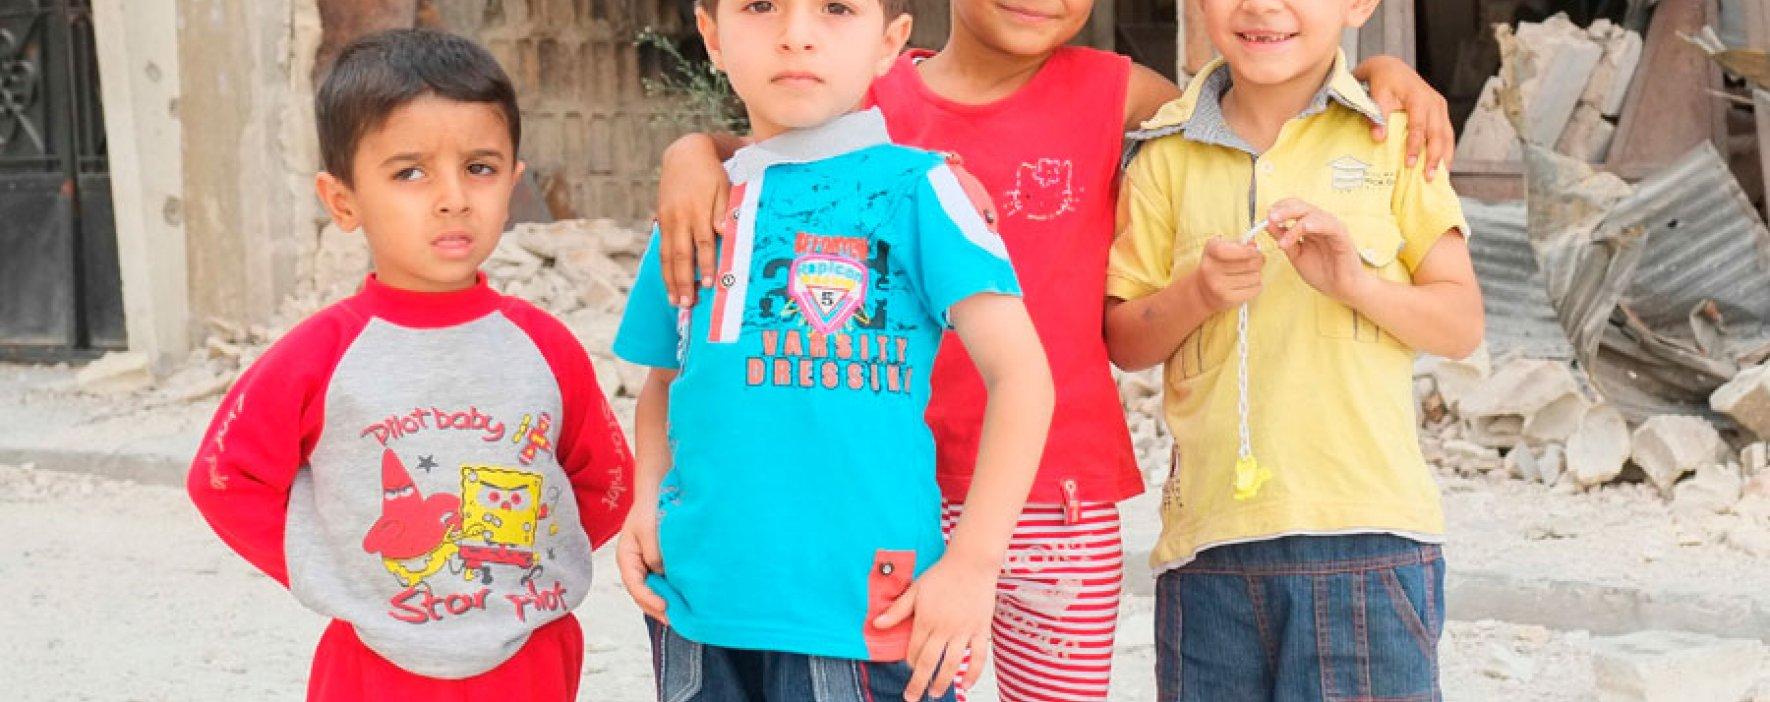 La ONU pide a la comunidad internacional 500 millones de dólares para educación de niños sirios refugiados